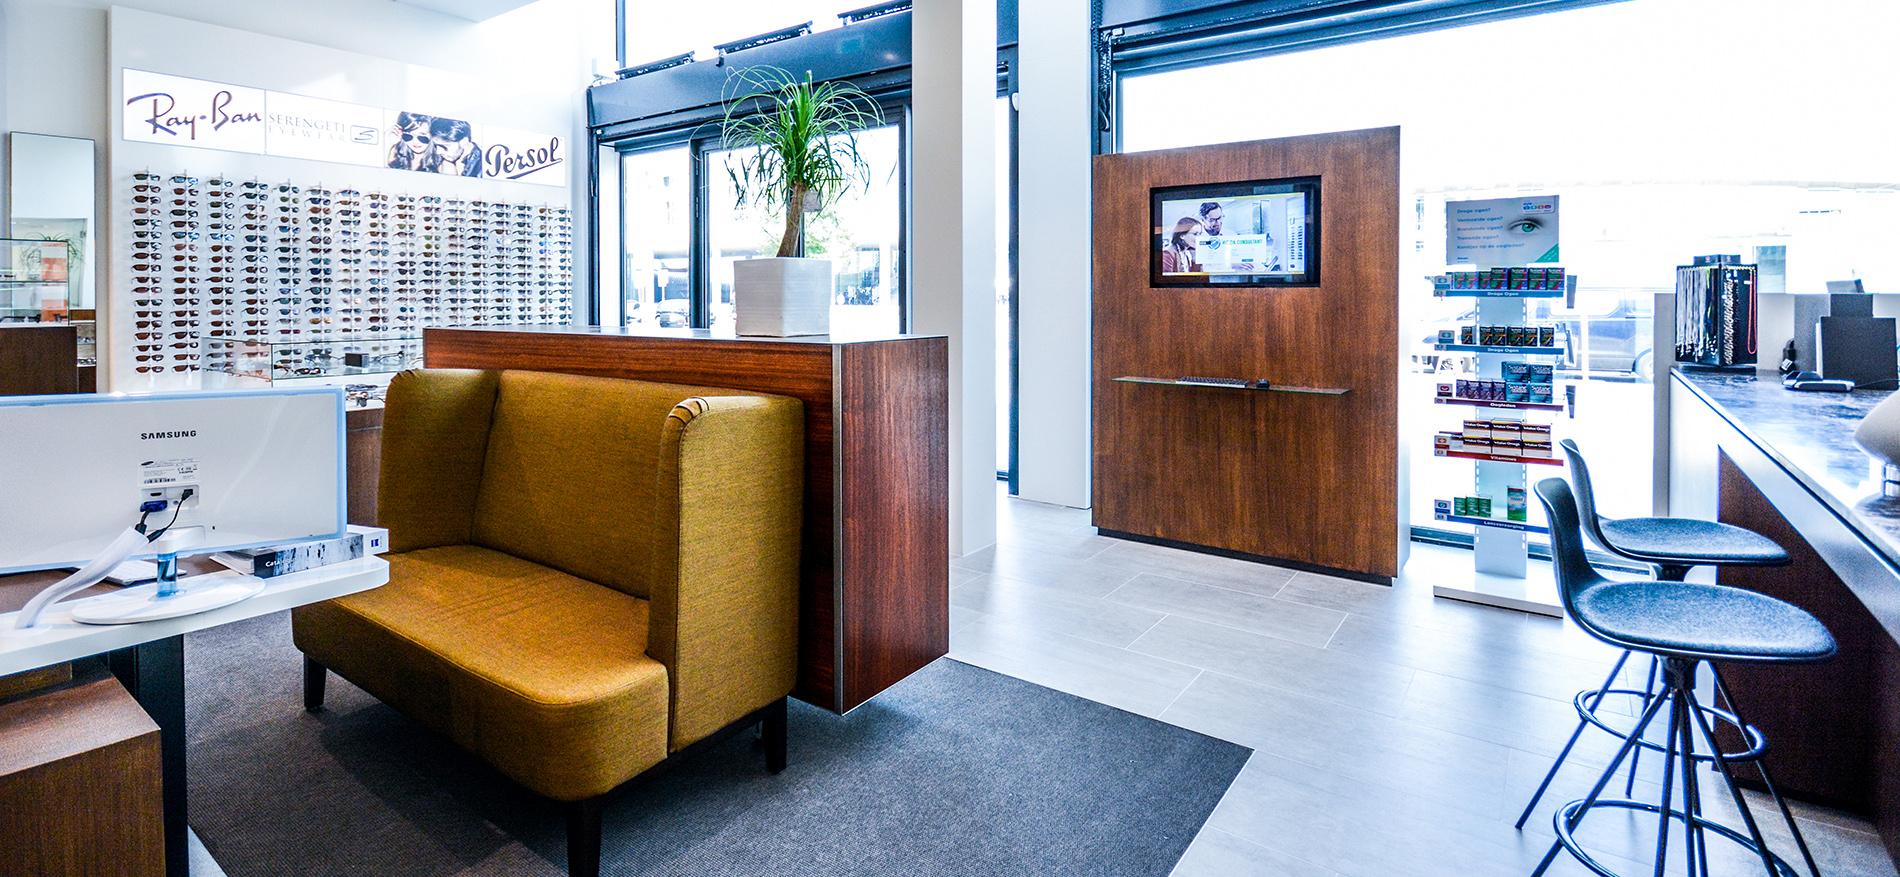 Interieurontwerp optiek nieuwe winkel schmidt optiek for Interieurontwerp amsterdam